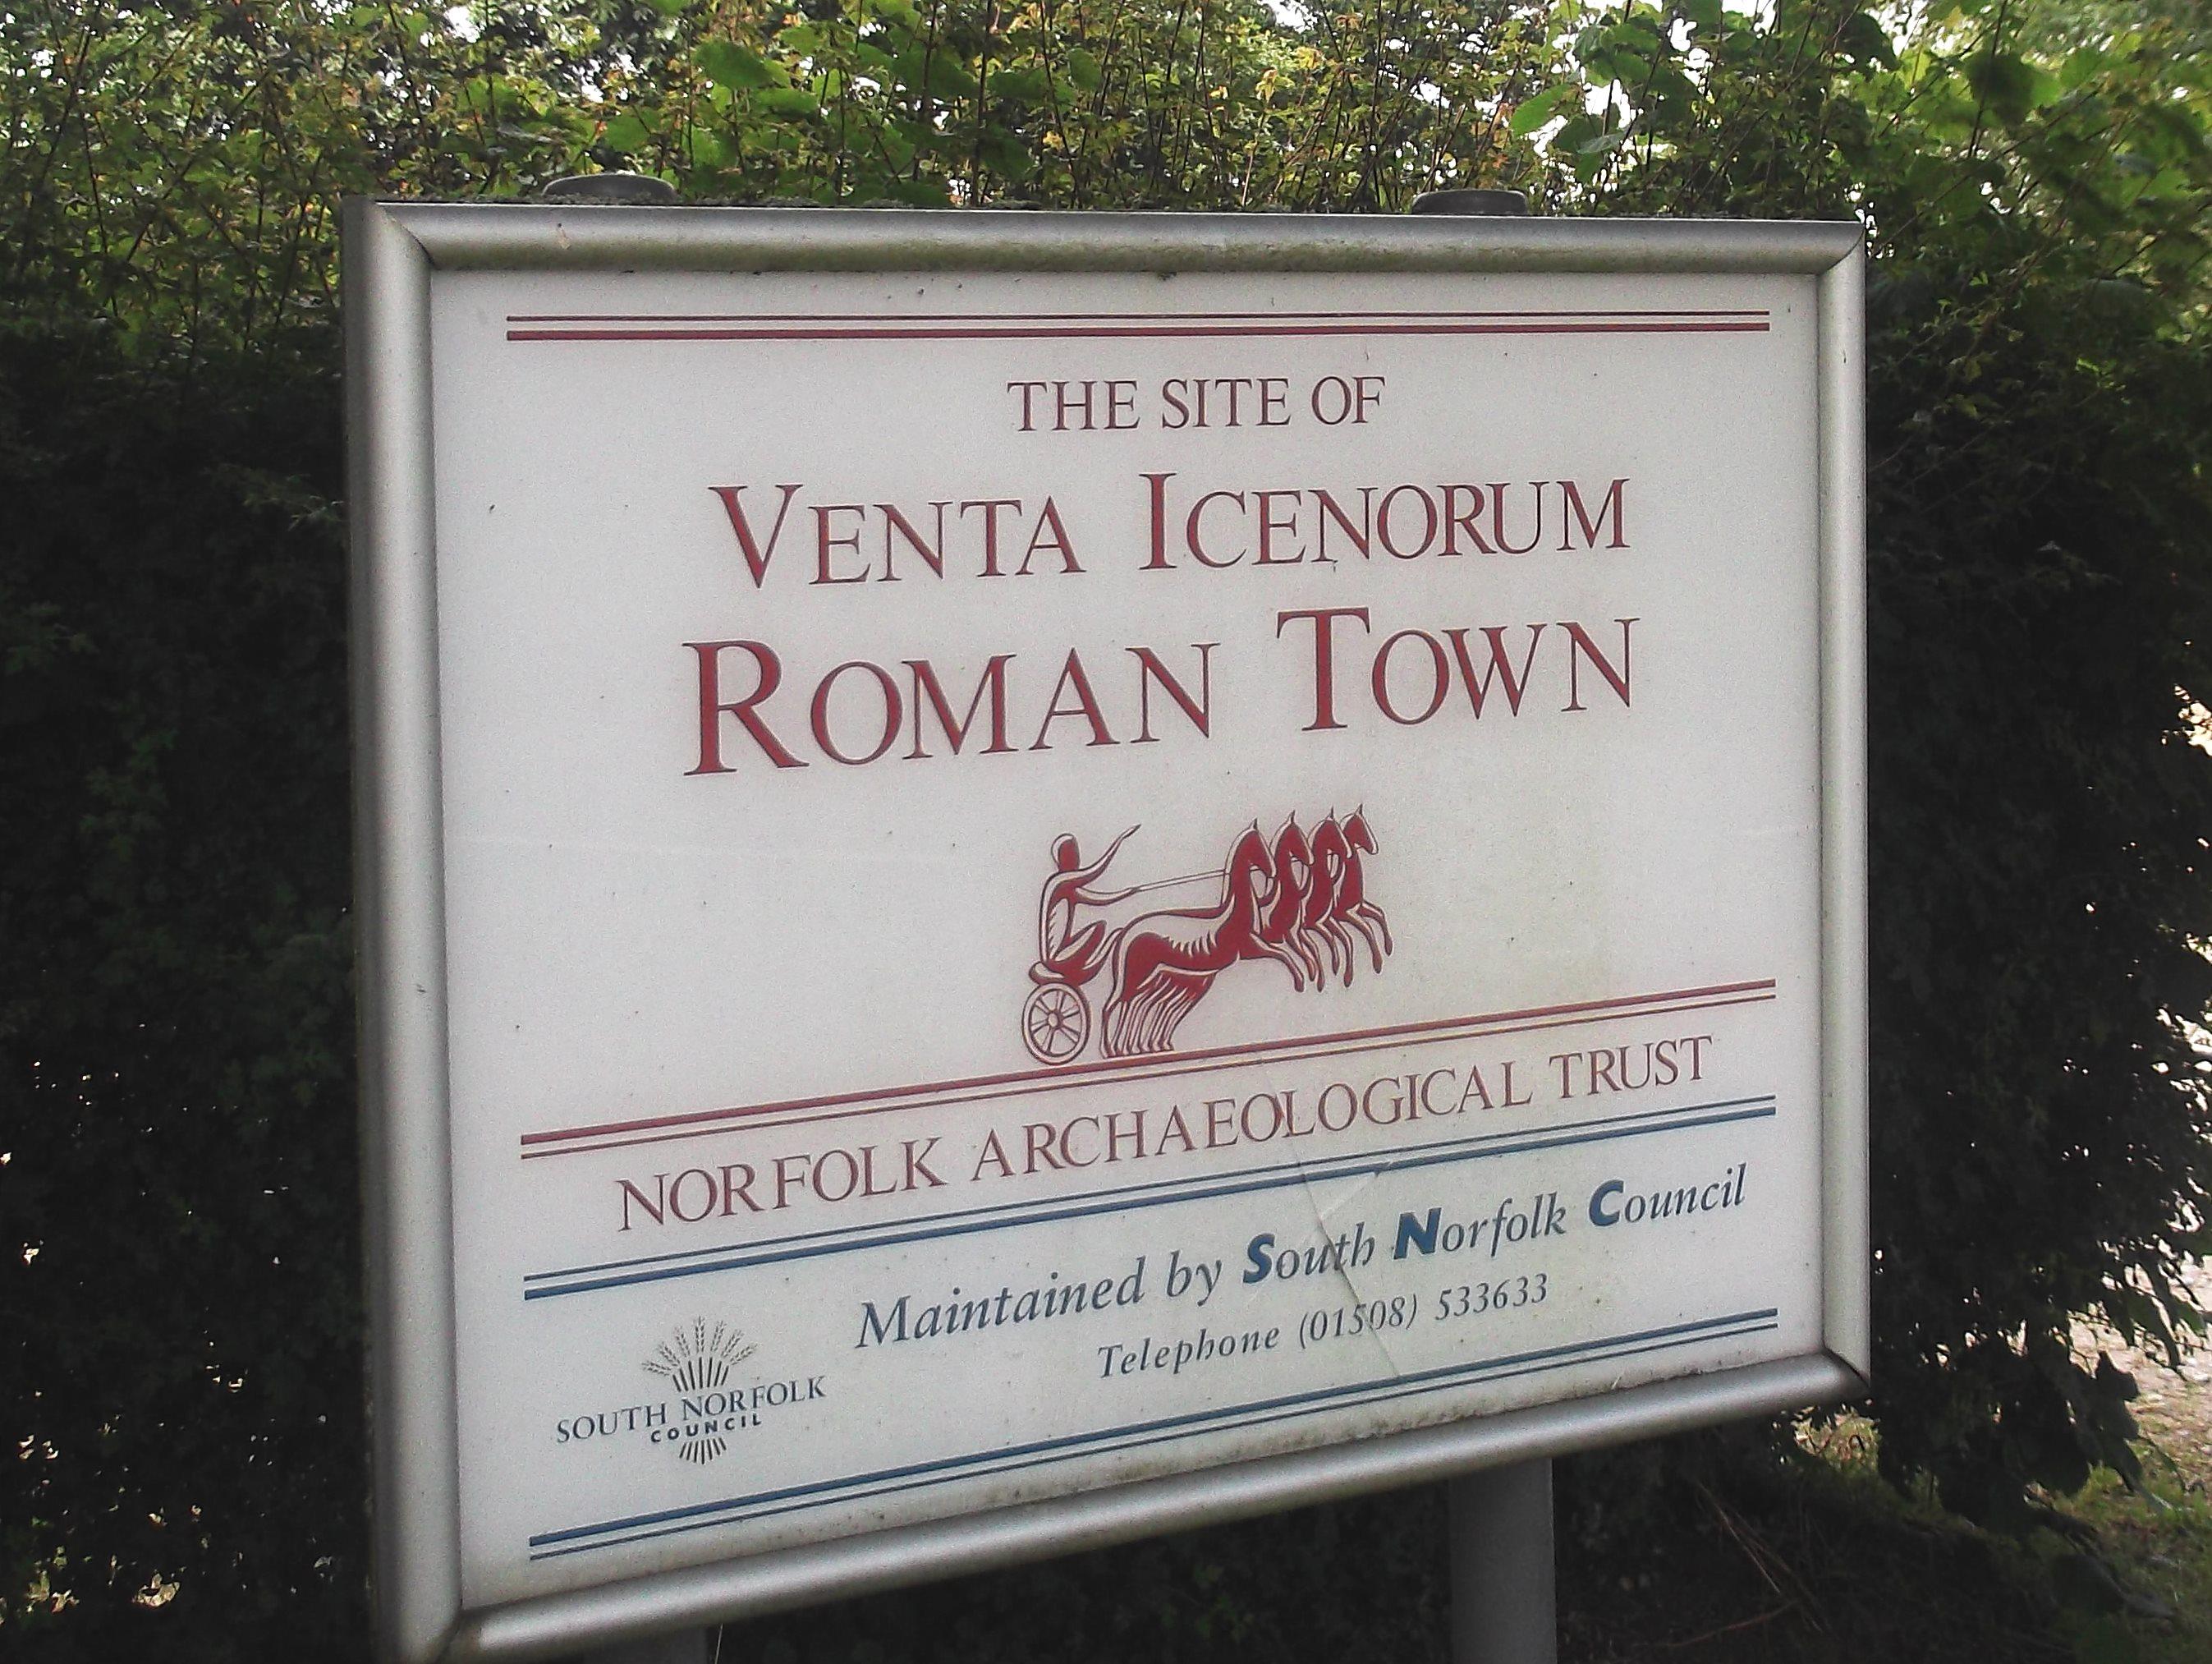 Venta Icenorum